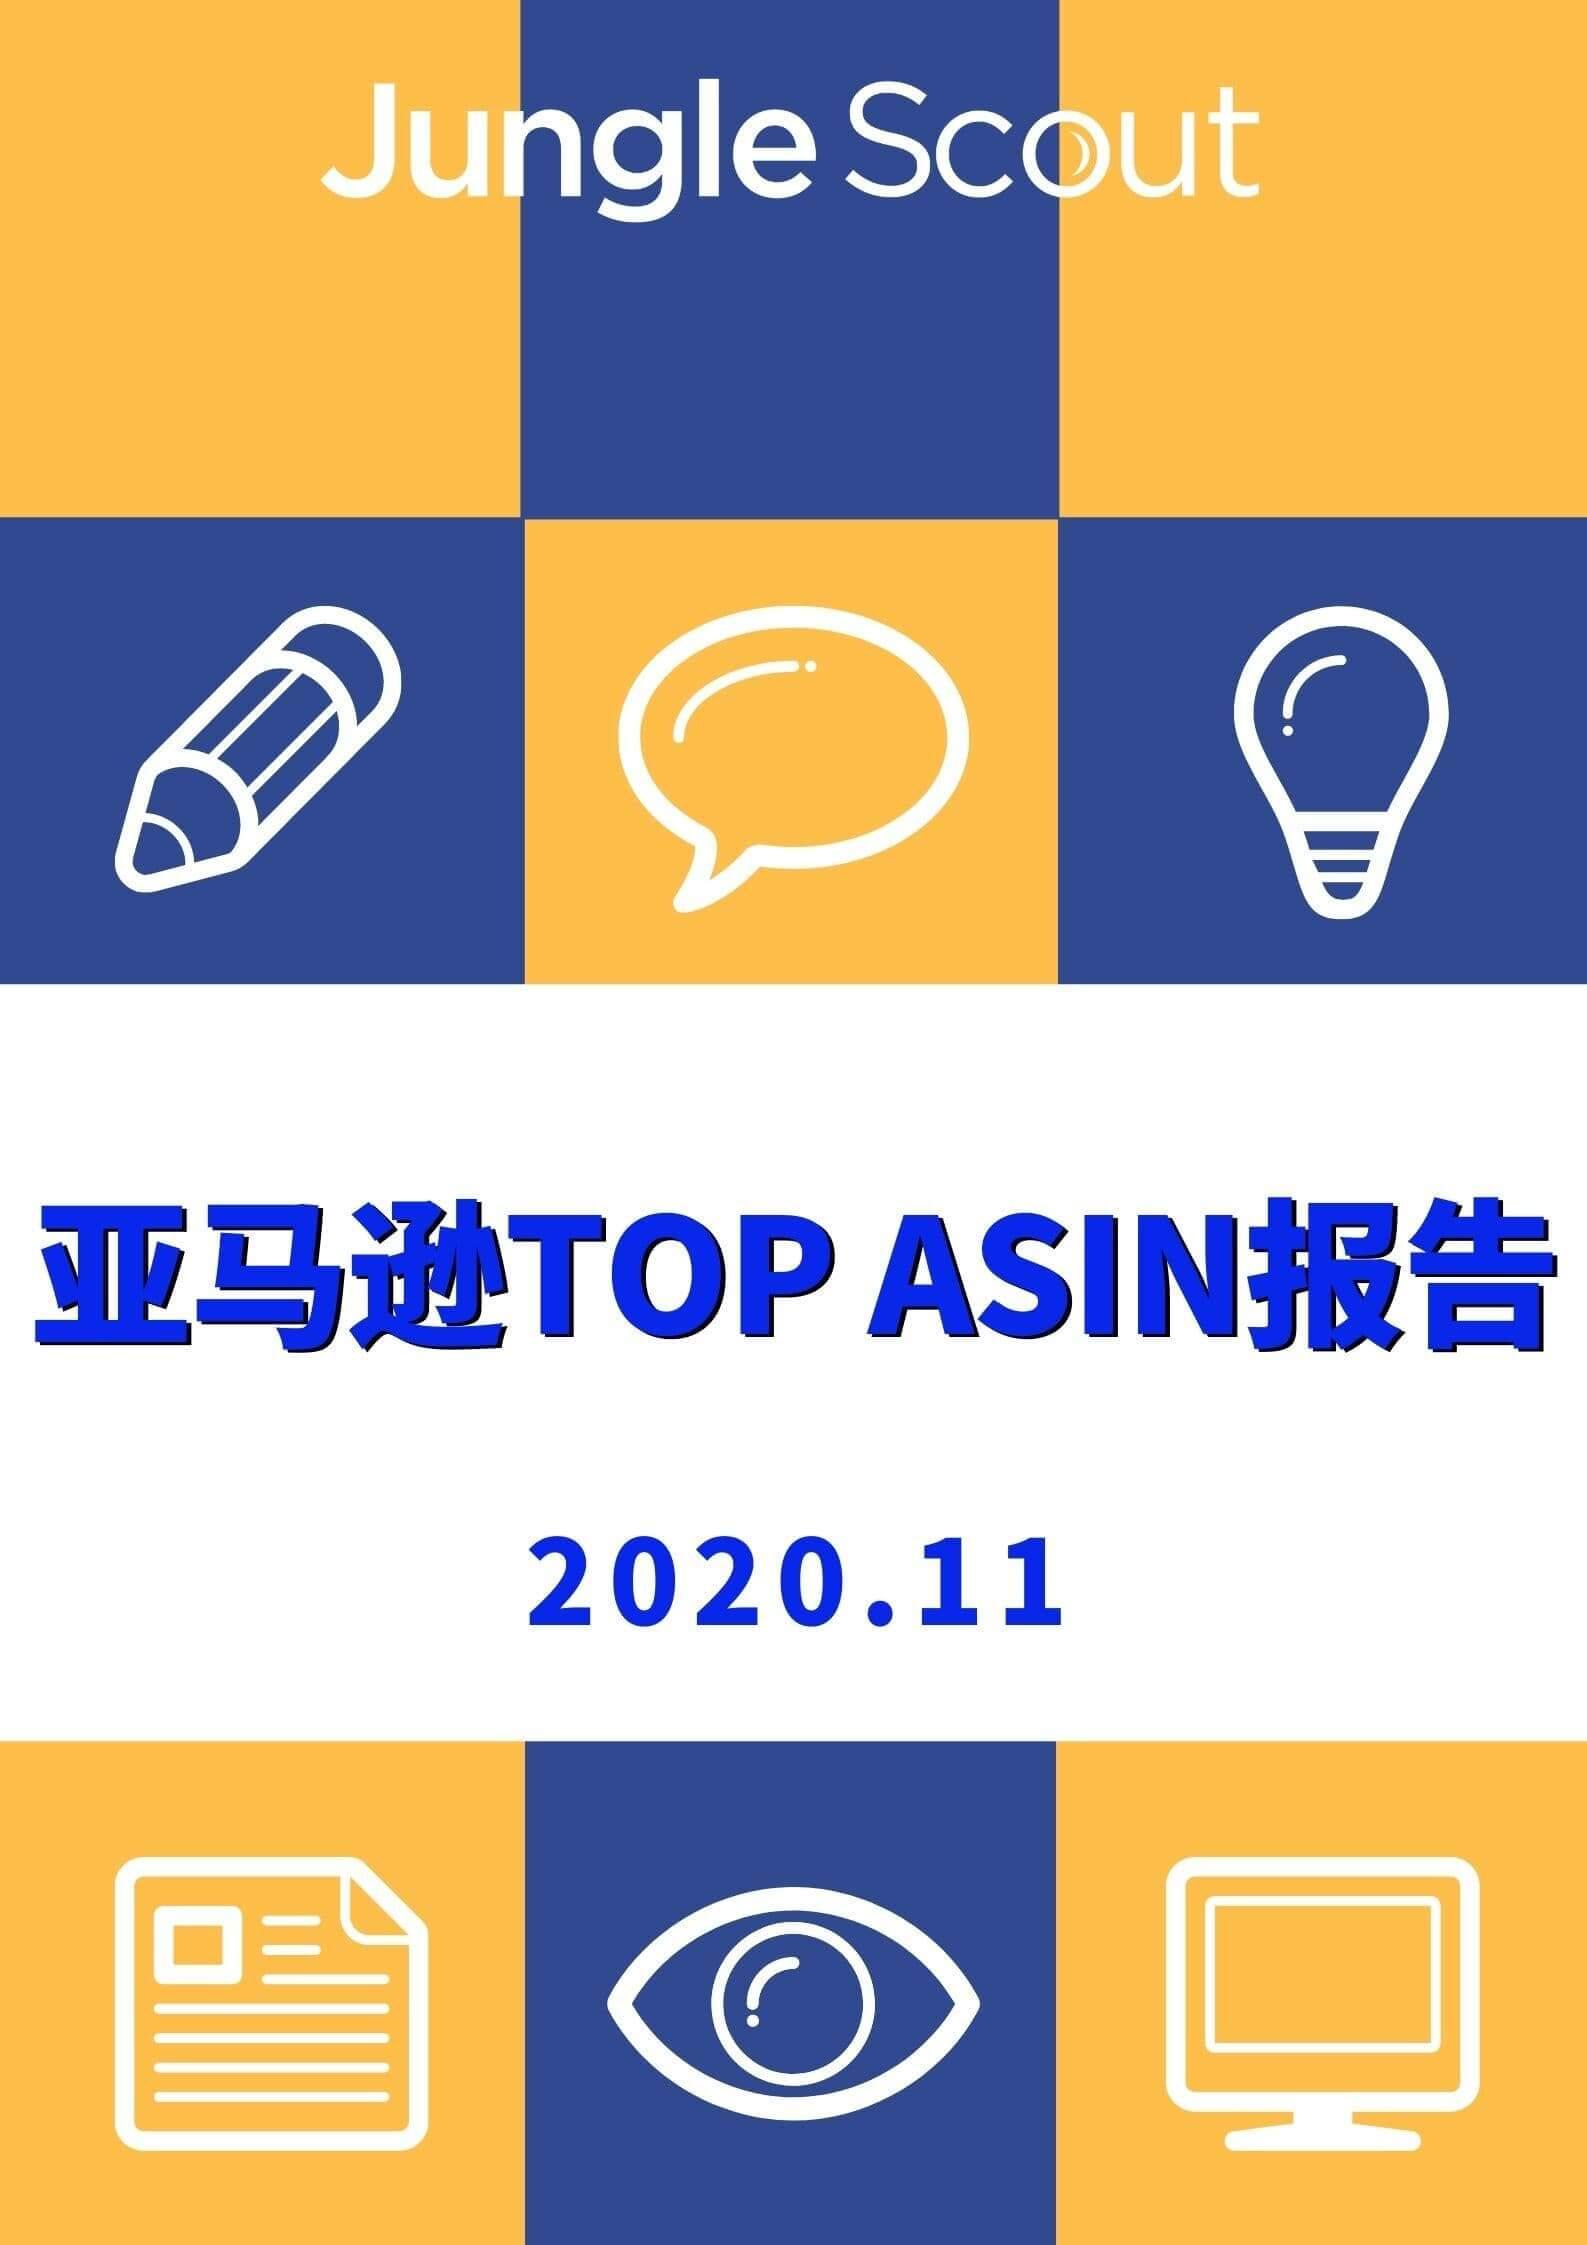 top-asin-2020-dec-thumbnail-v2